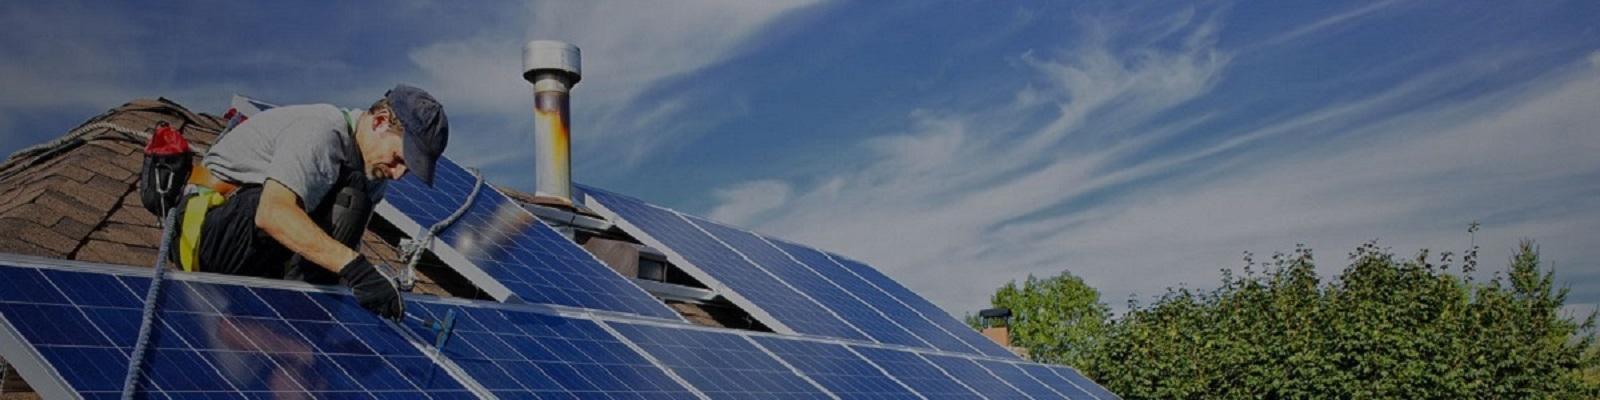 Brisbane plumber installing solar panels